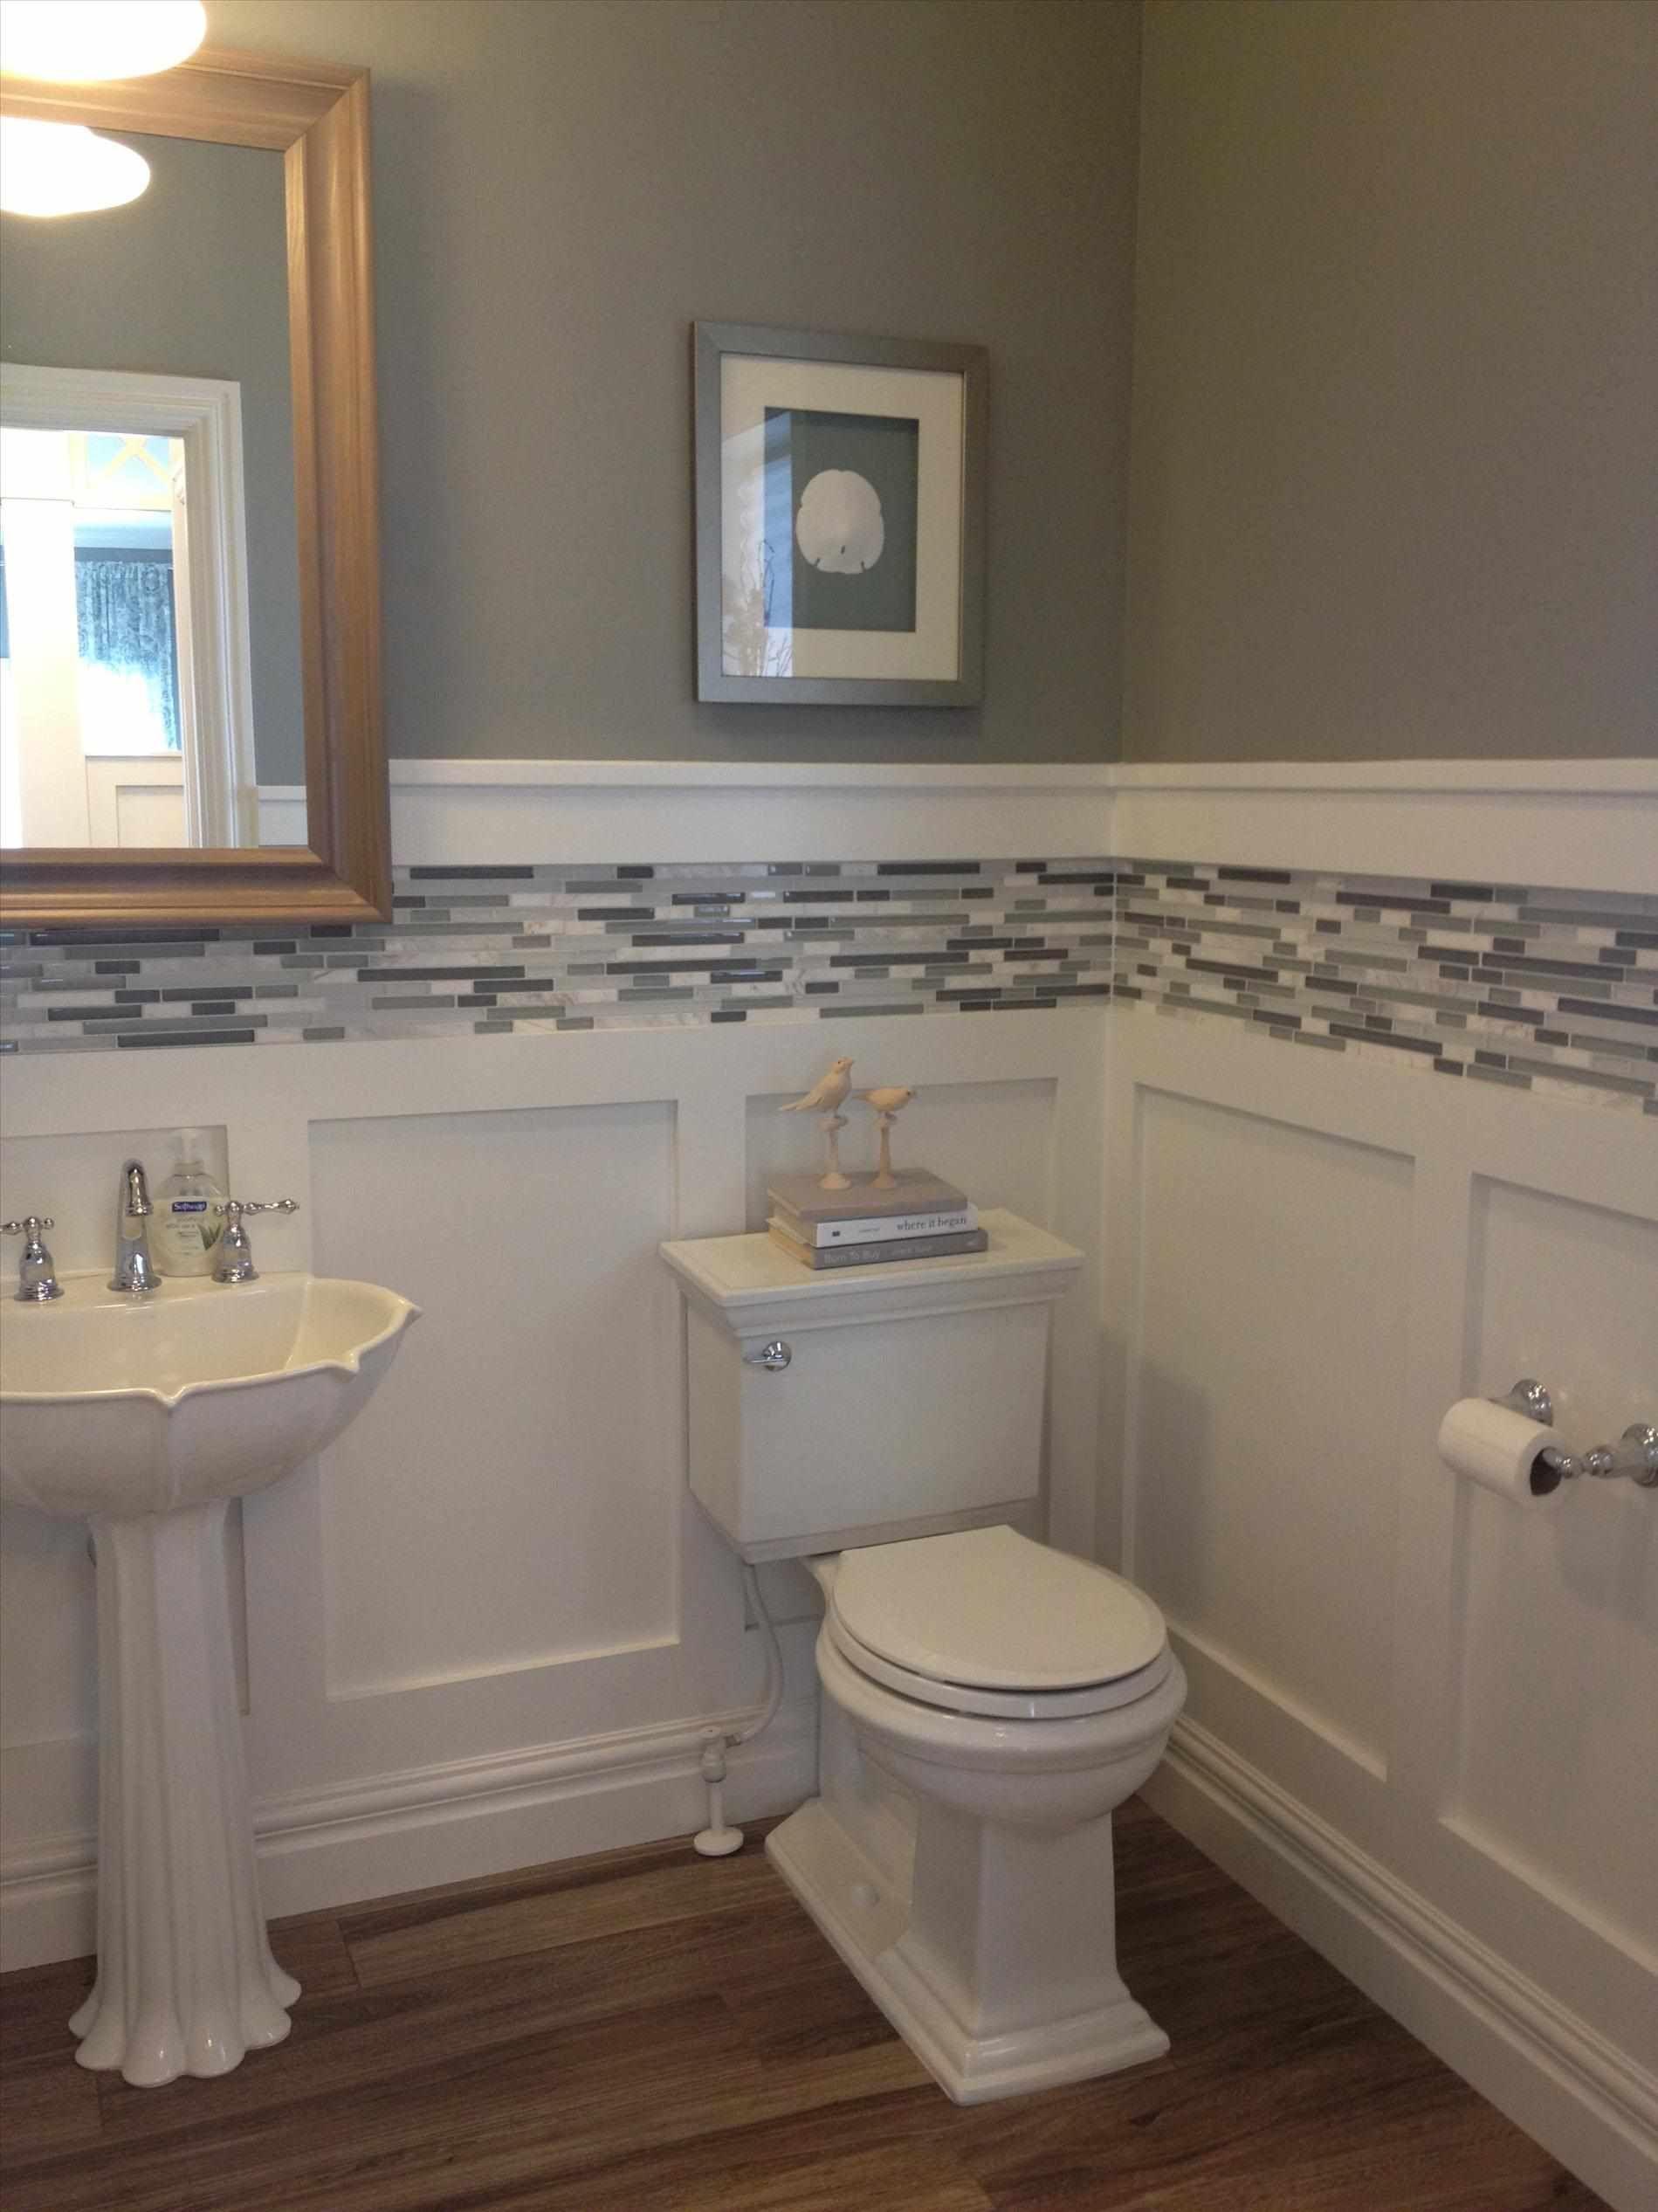 40 Herrliche Badezimmer Lambris Paneele Fotos Inspirationen Mehr Auf Unserer Website Bad Unterschranke Badezimmer Renovierungen Badezimmer Klein Badezimmer